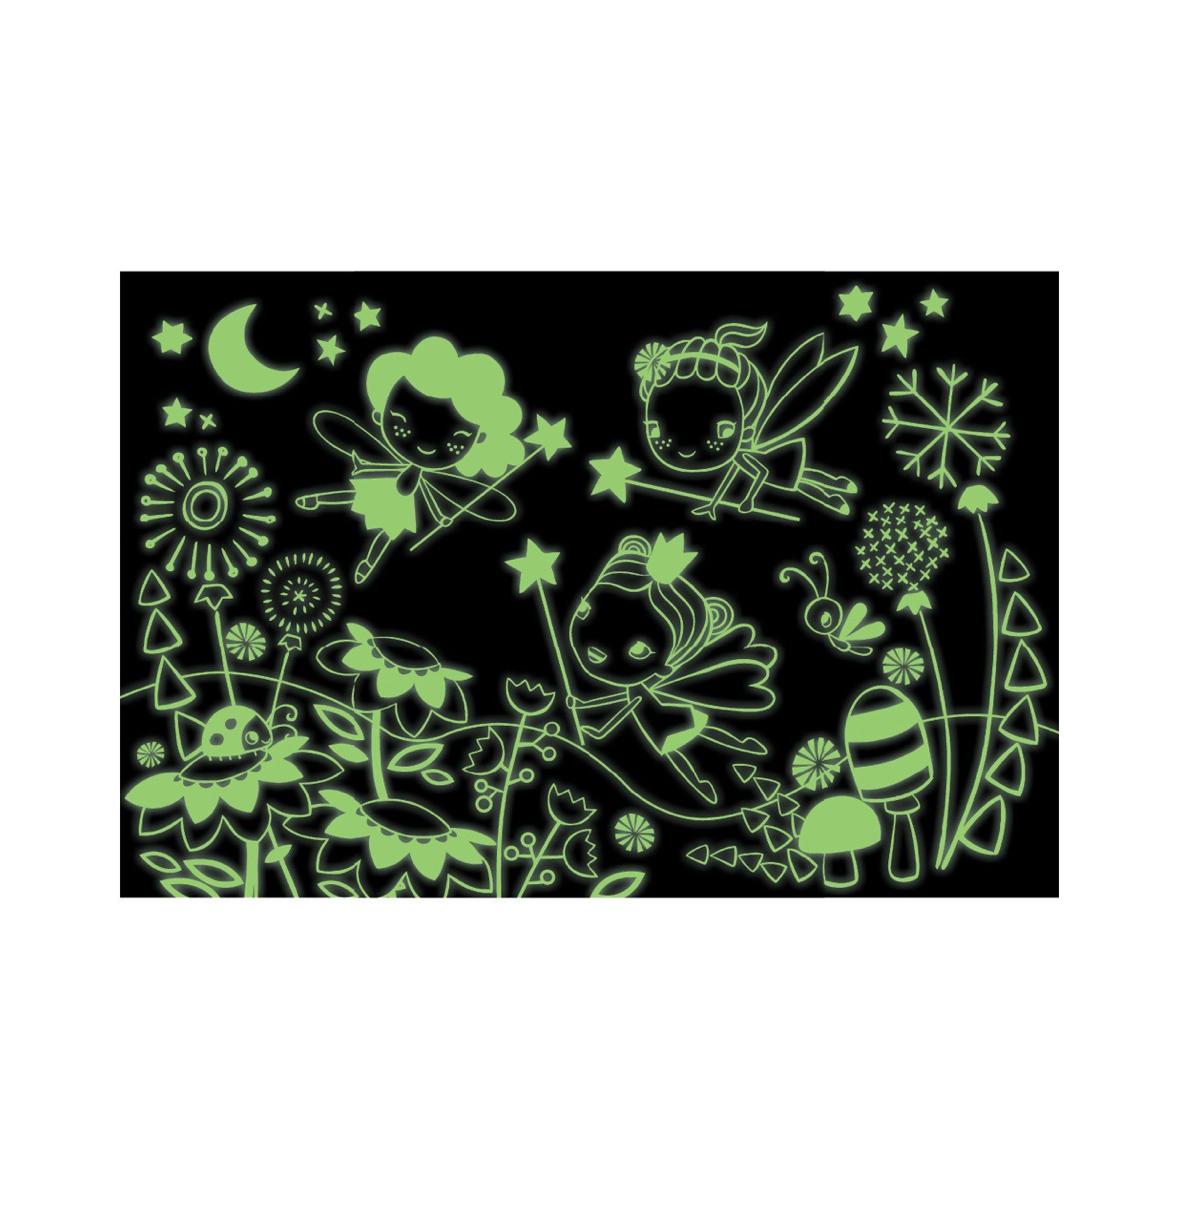 puzzle-glow-in-the-dark-fairys-de-mudpuppy-en-el-mundo-de-mico2